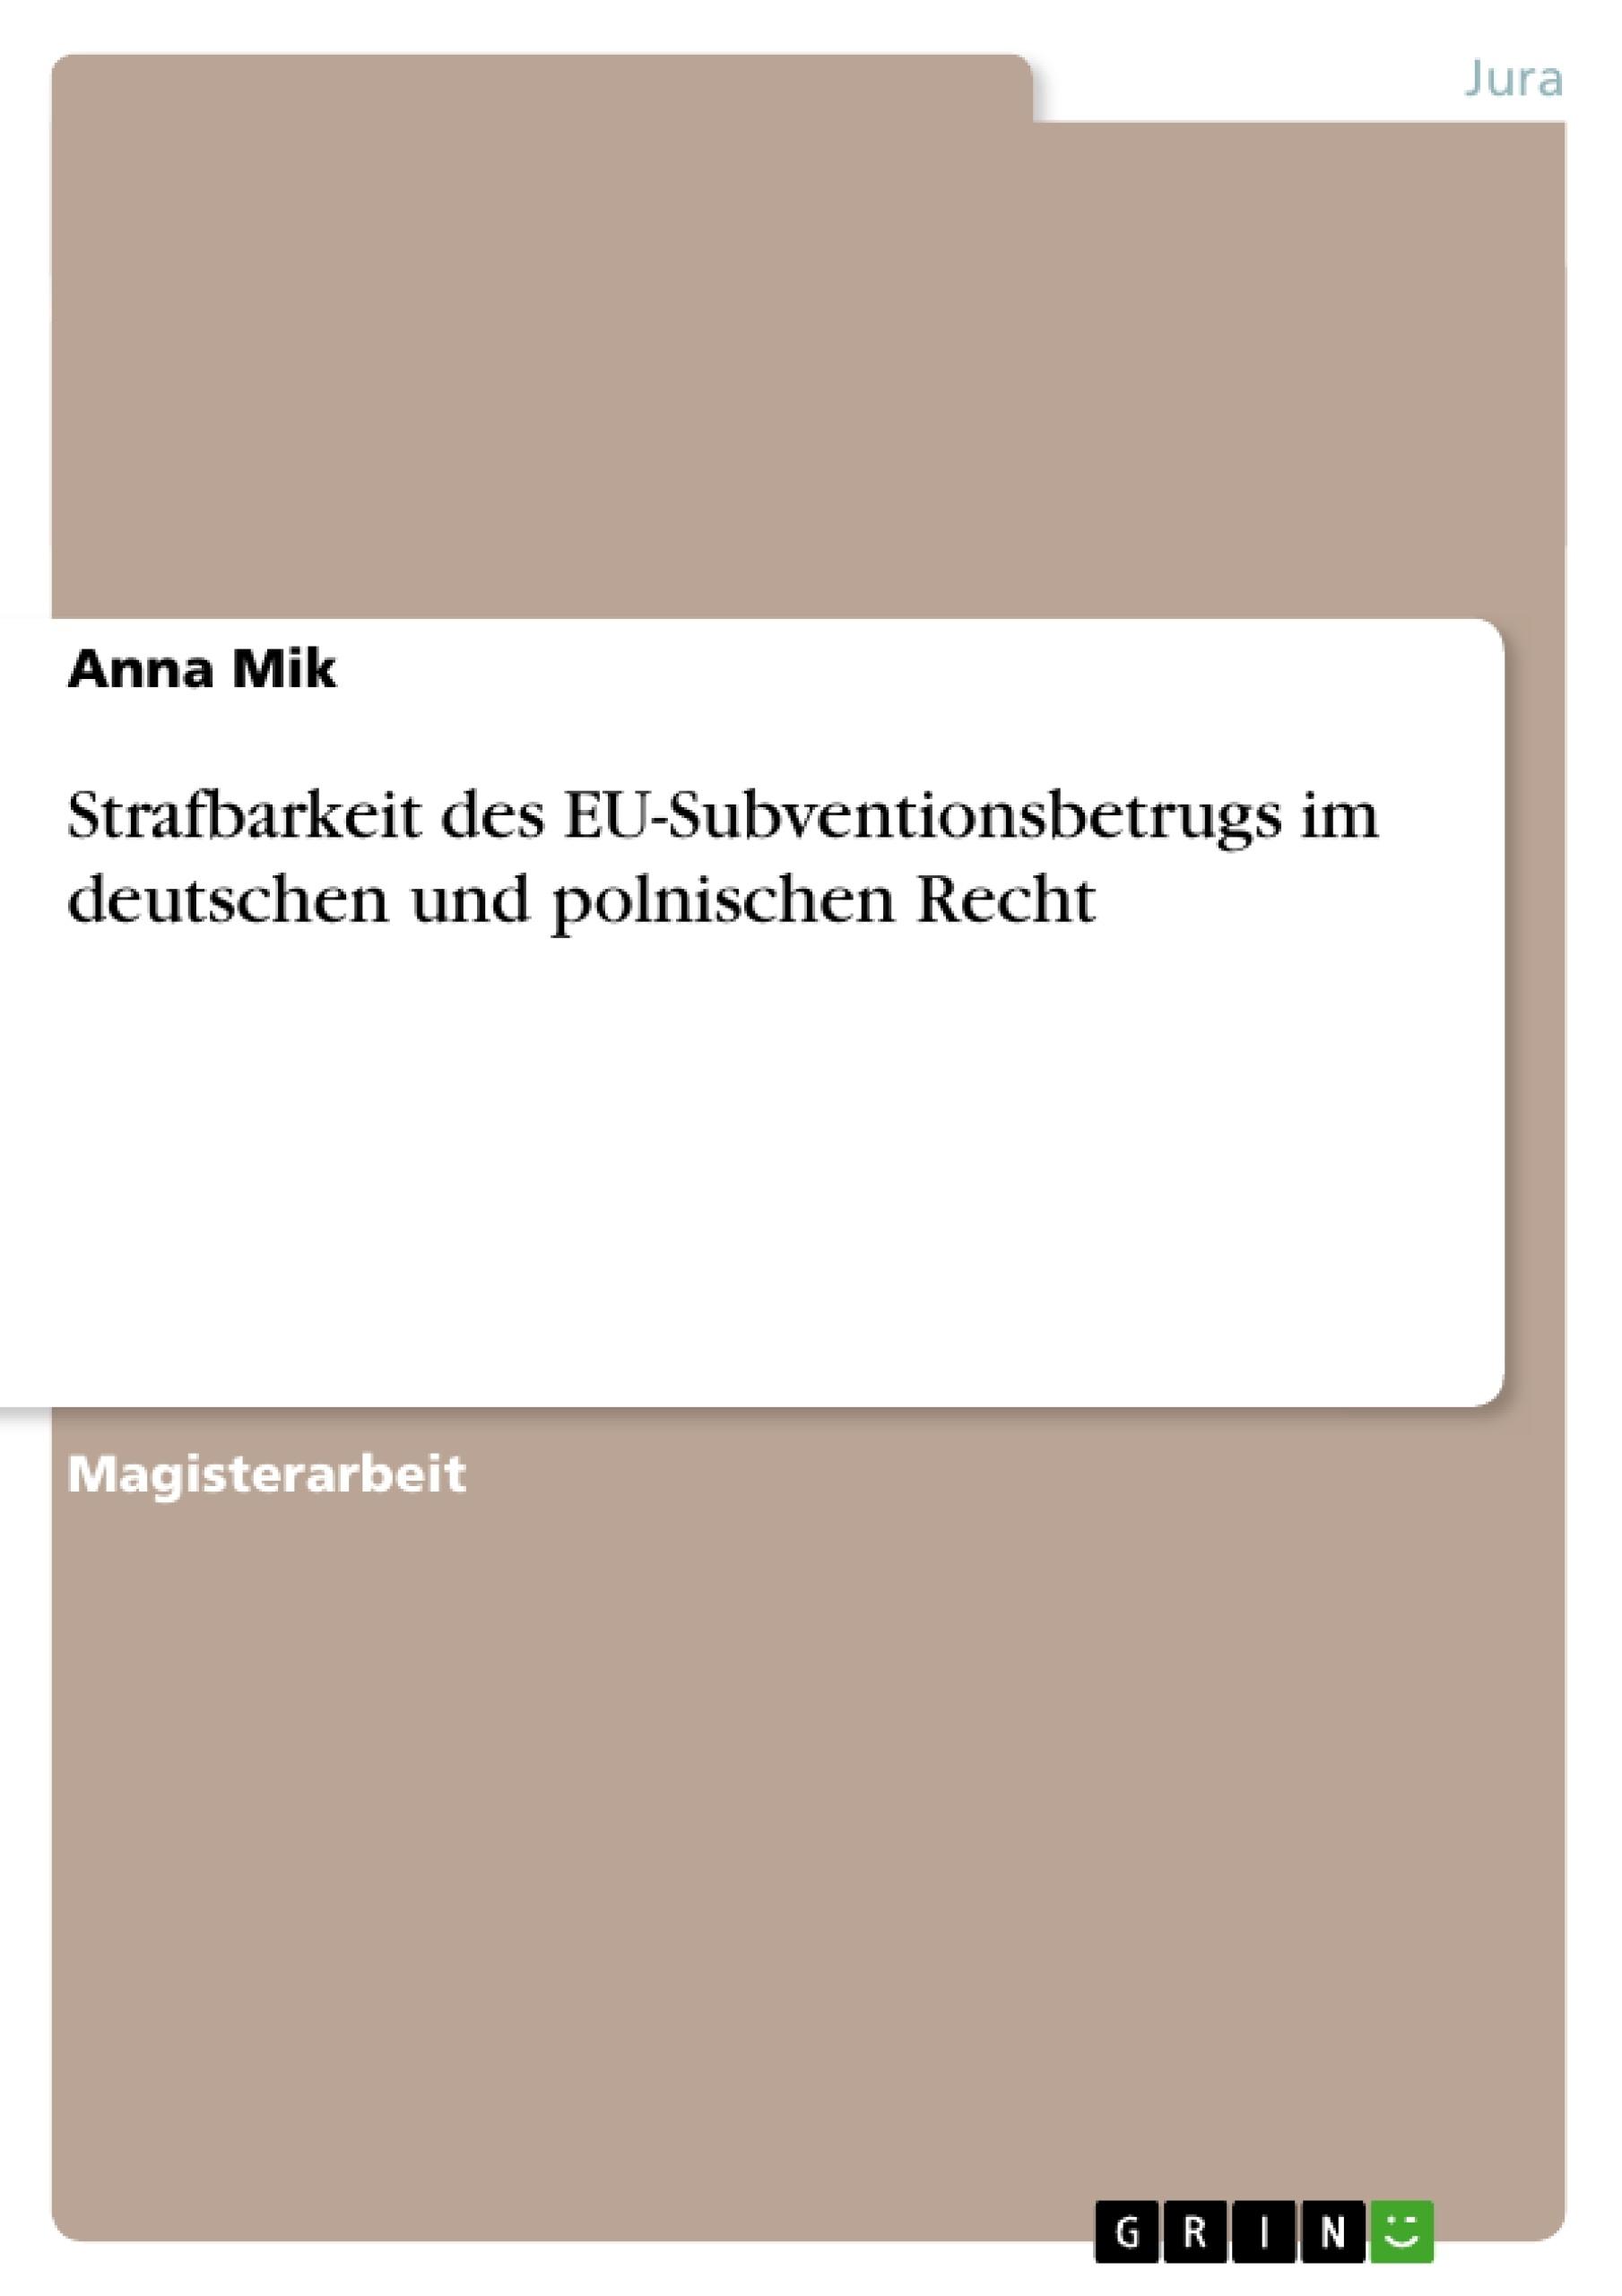 Titel: Strafbarkeit des EU-Subventionsbetrugs im deutschen und polnischen Recht